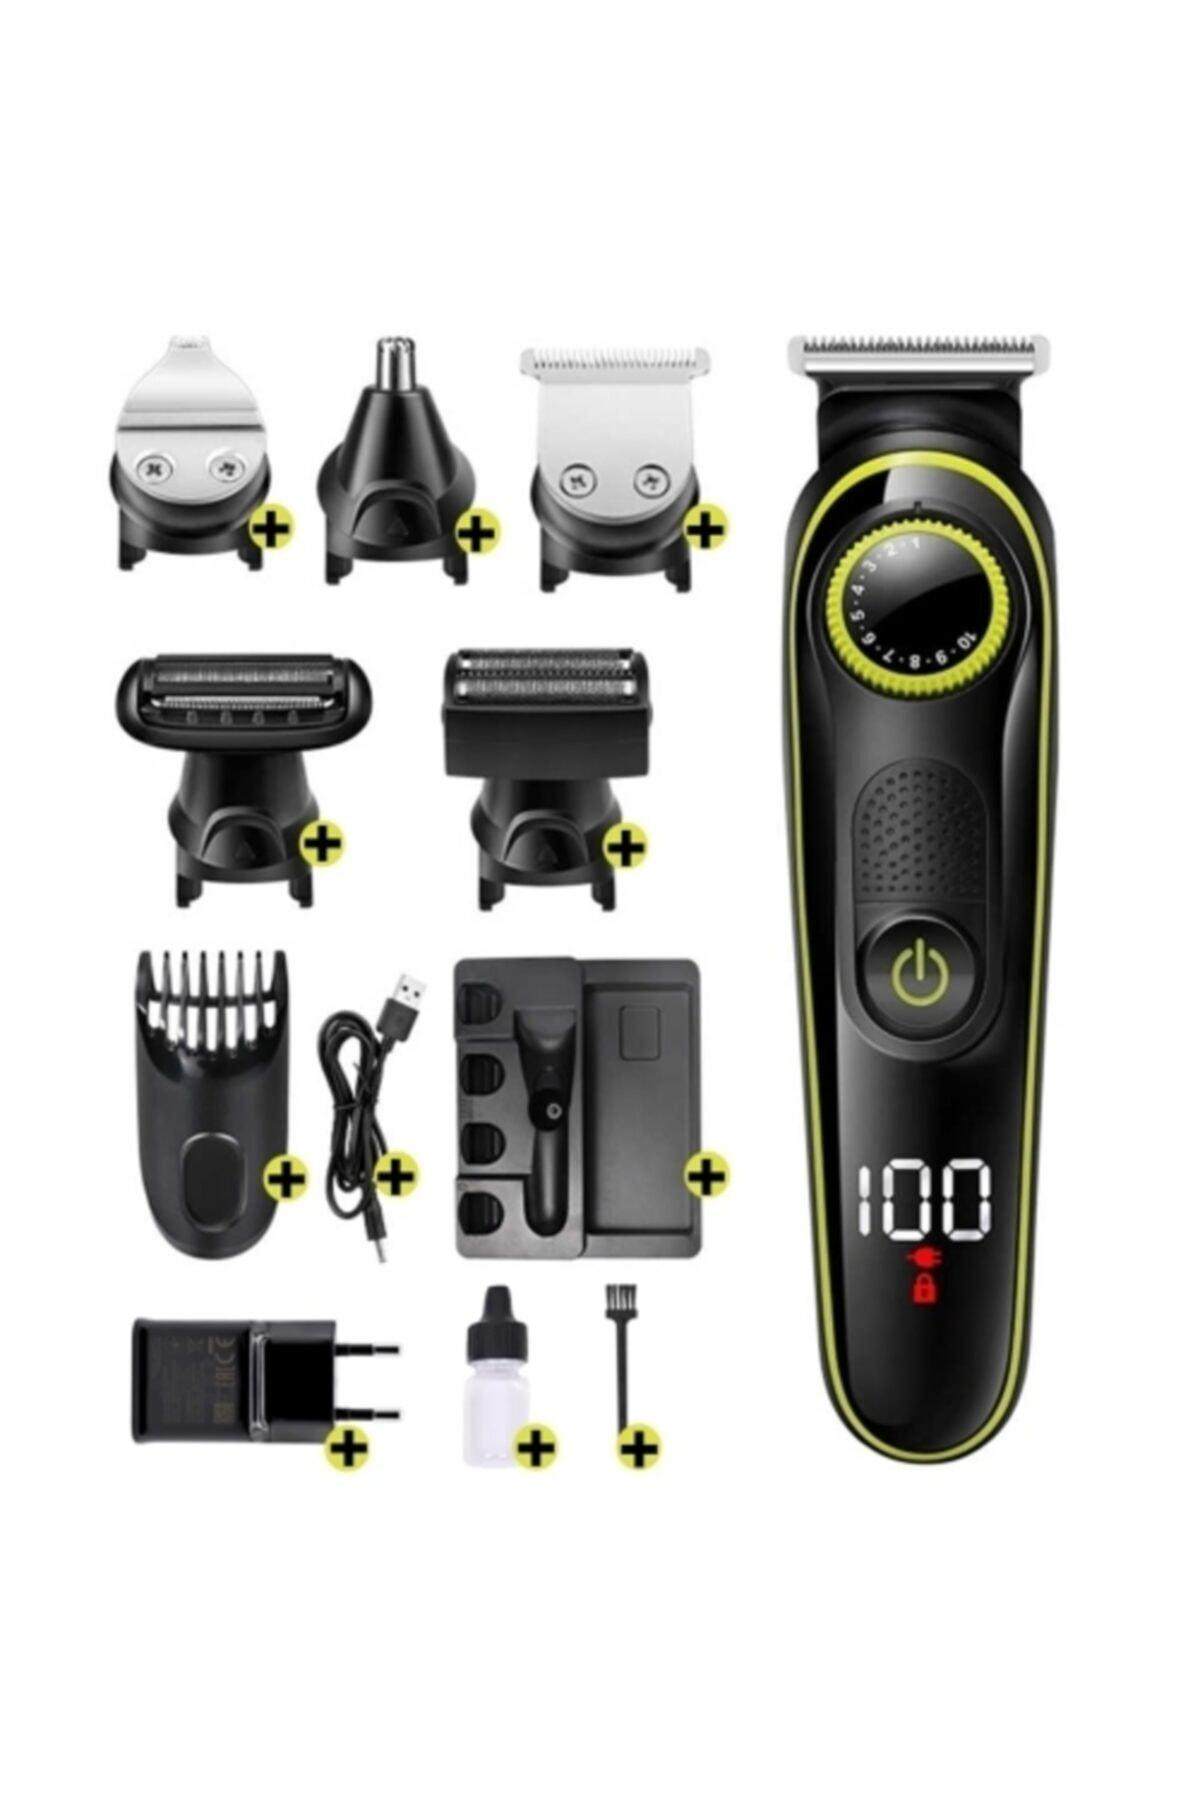 yopigo Yp 6171 Saç & Sakal Şekillendirici Tıraş Makinesi Erkek Bakım Seti 5 In 1 Ultimate 1